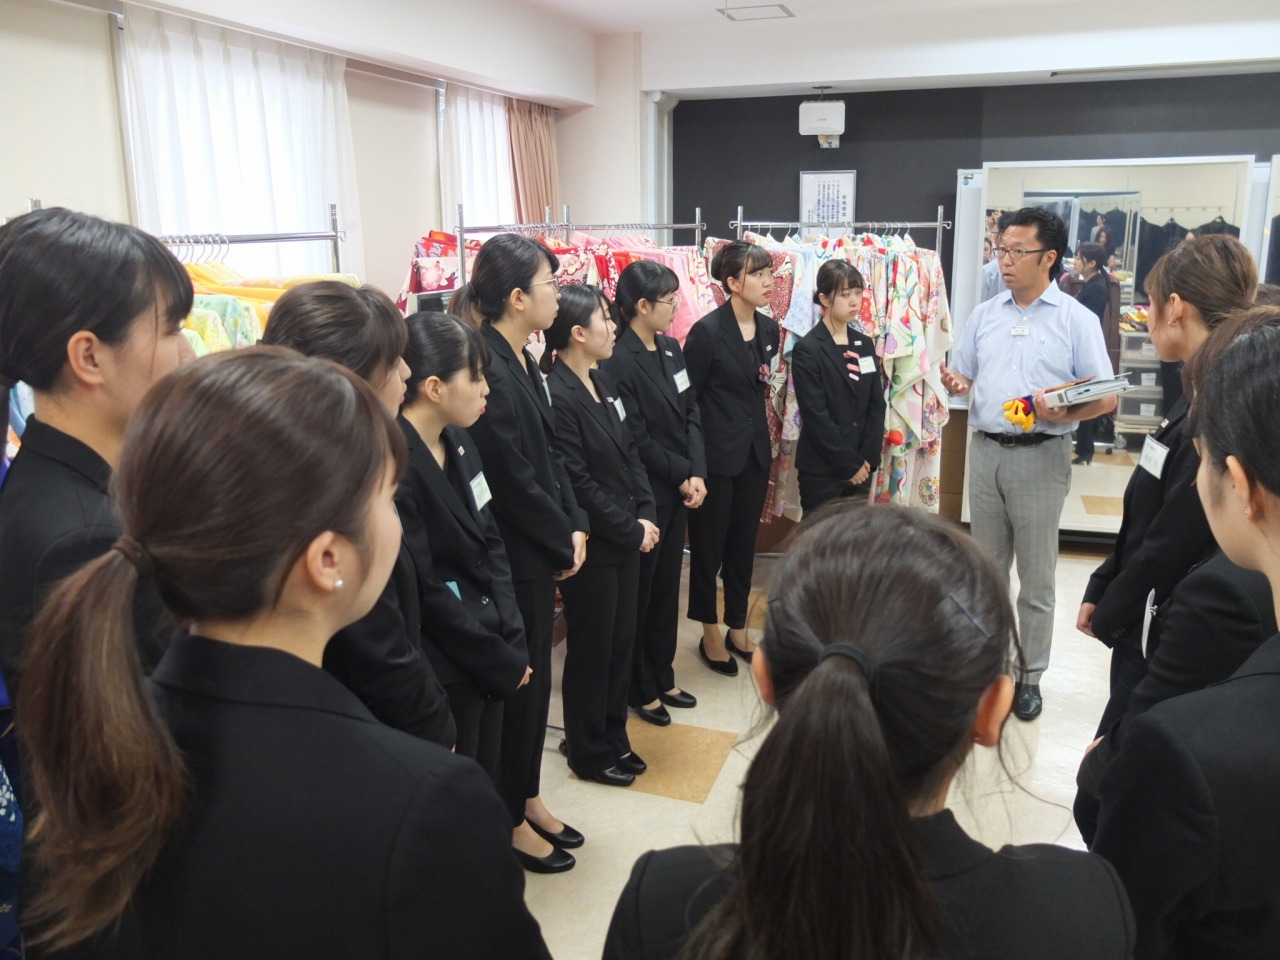 夜間部ブライダル科「卒業式袴展示会」プロジェクト ~その10~ プロジェクト最終日!